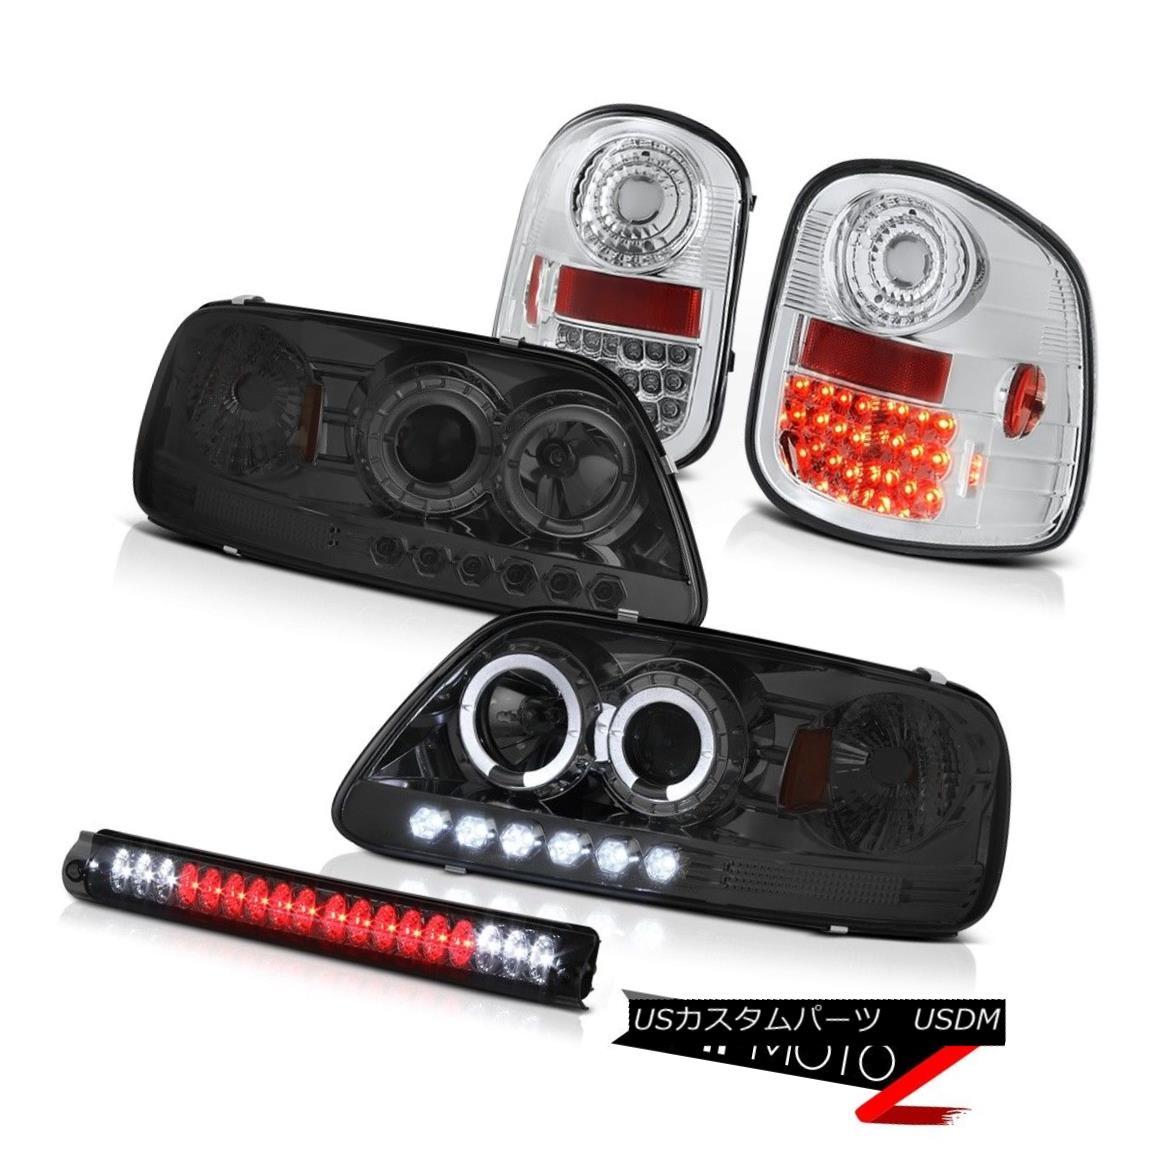 ヘッドライト 97-03 F150 Flareside XL Smoke Halo Headlights LED Tail Lights Roof Stop Tinted 97-03 F150 Flareside XL煙ハローヘッドライトテールライトルーフストーンテント